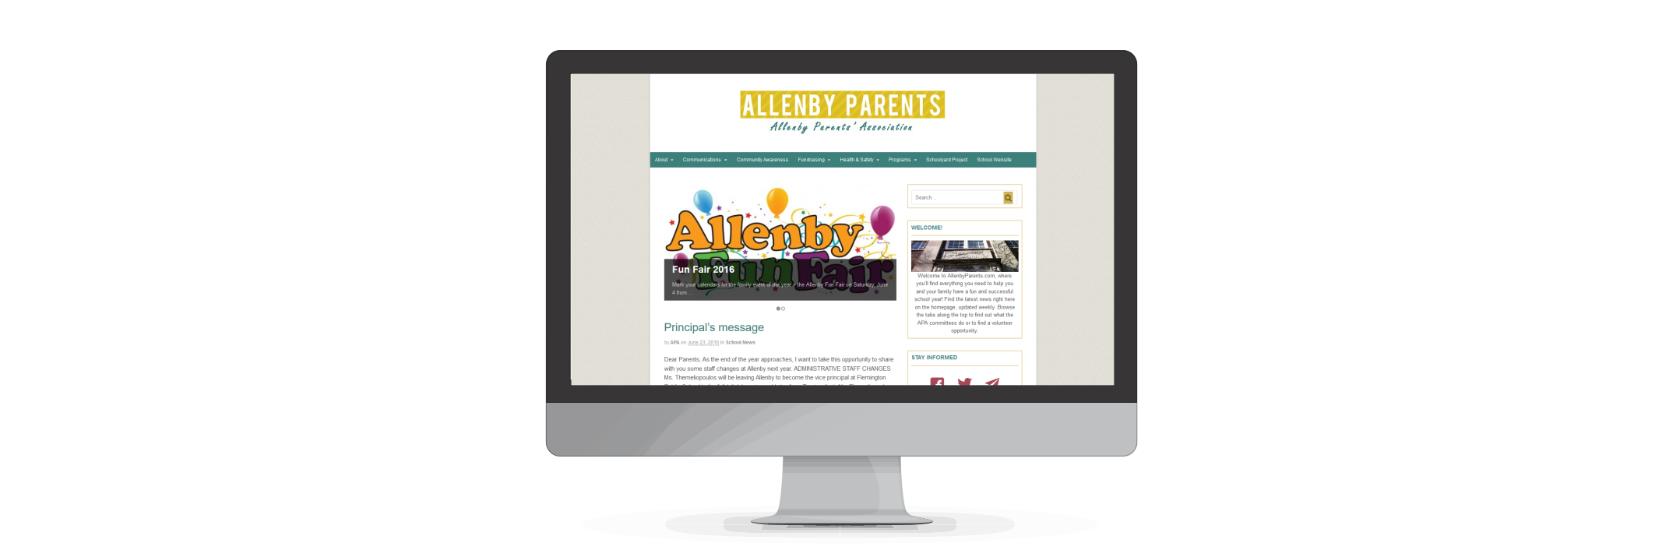 AllenbyParents, web design by www.puzzleboxcommunications.com